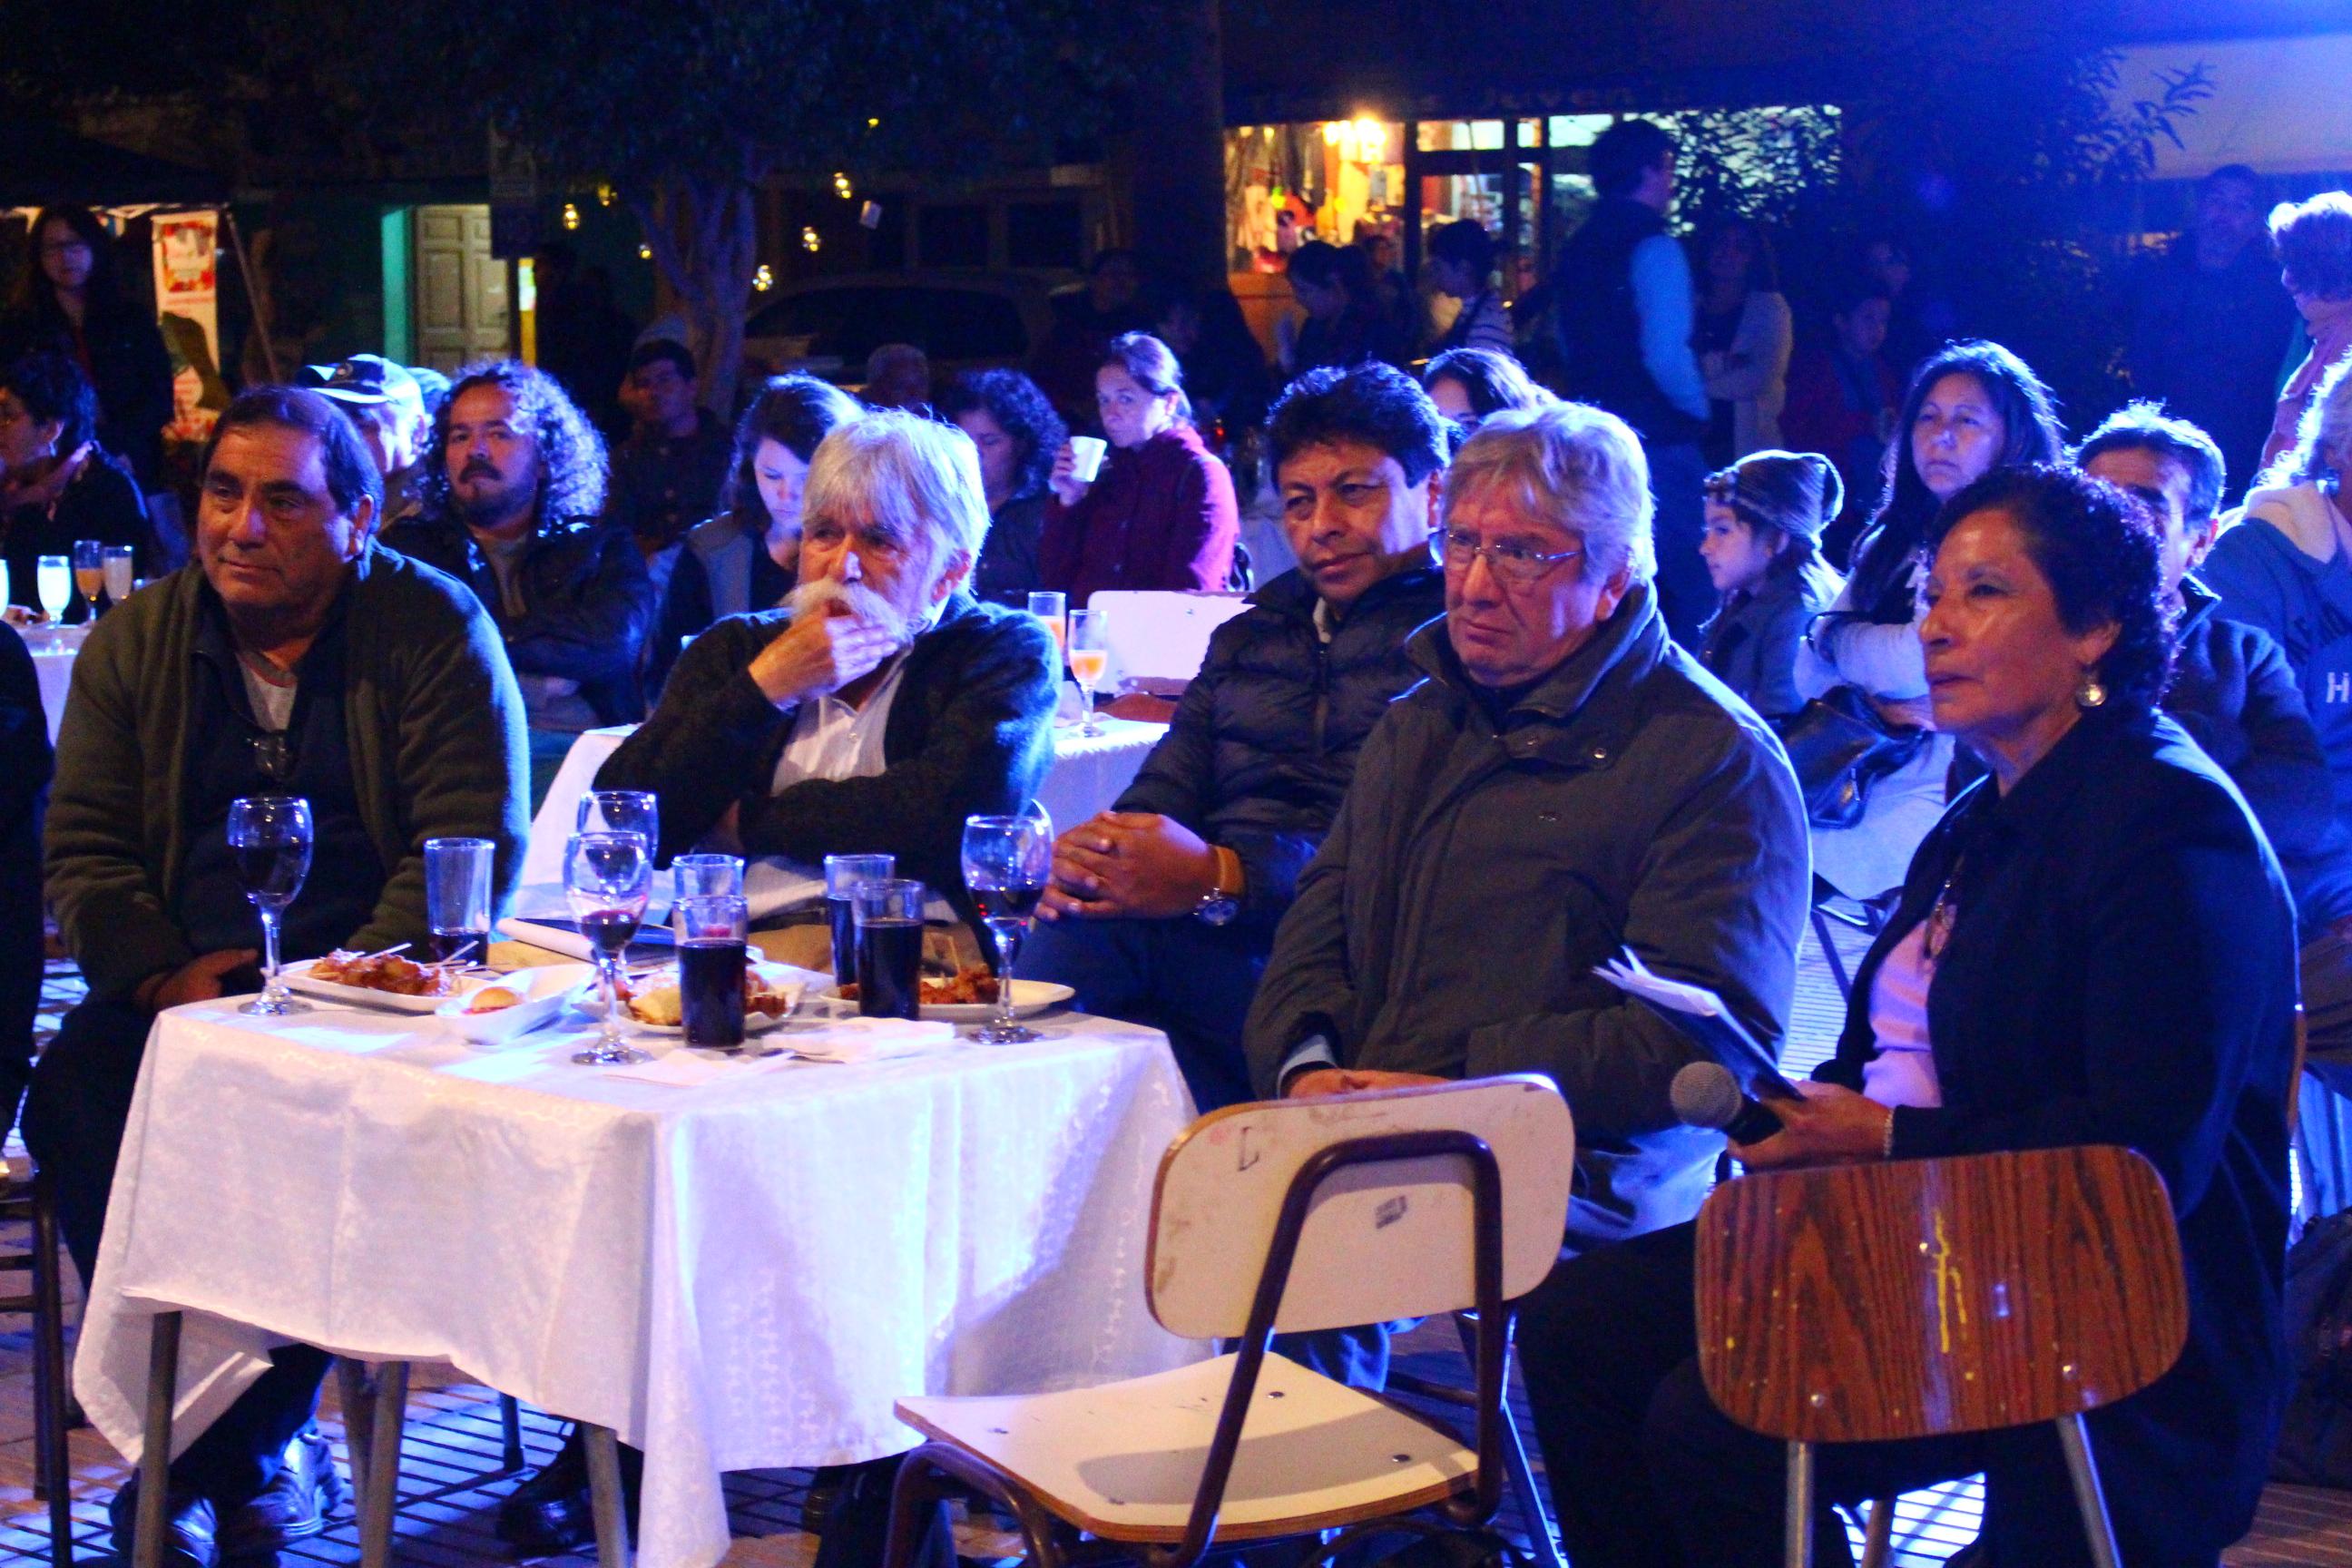 Municipio de Vallenar destaca obra y trayectoria de Jorge Zambra en el Día del Libro